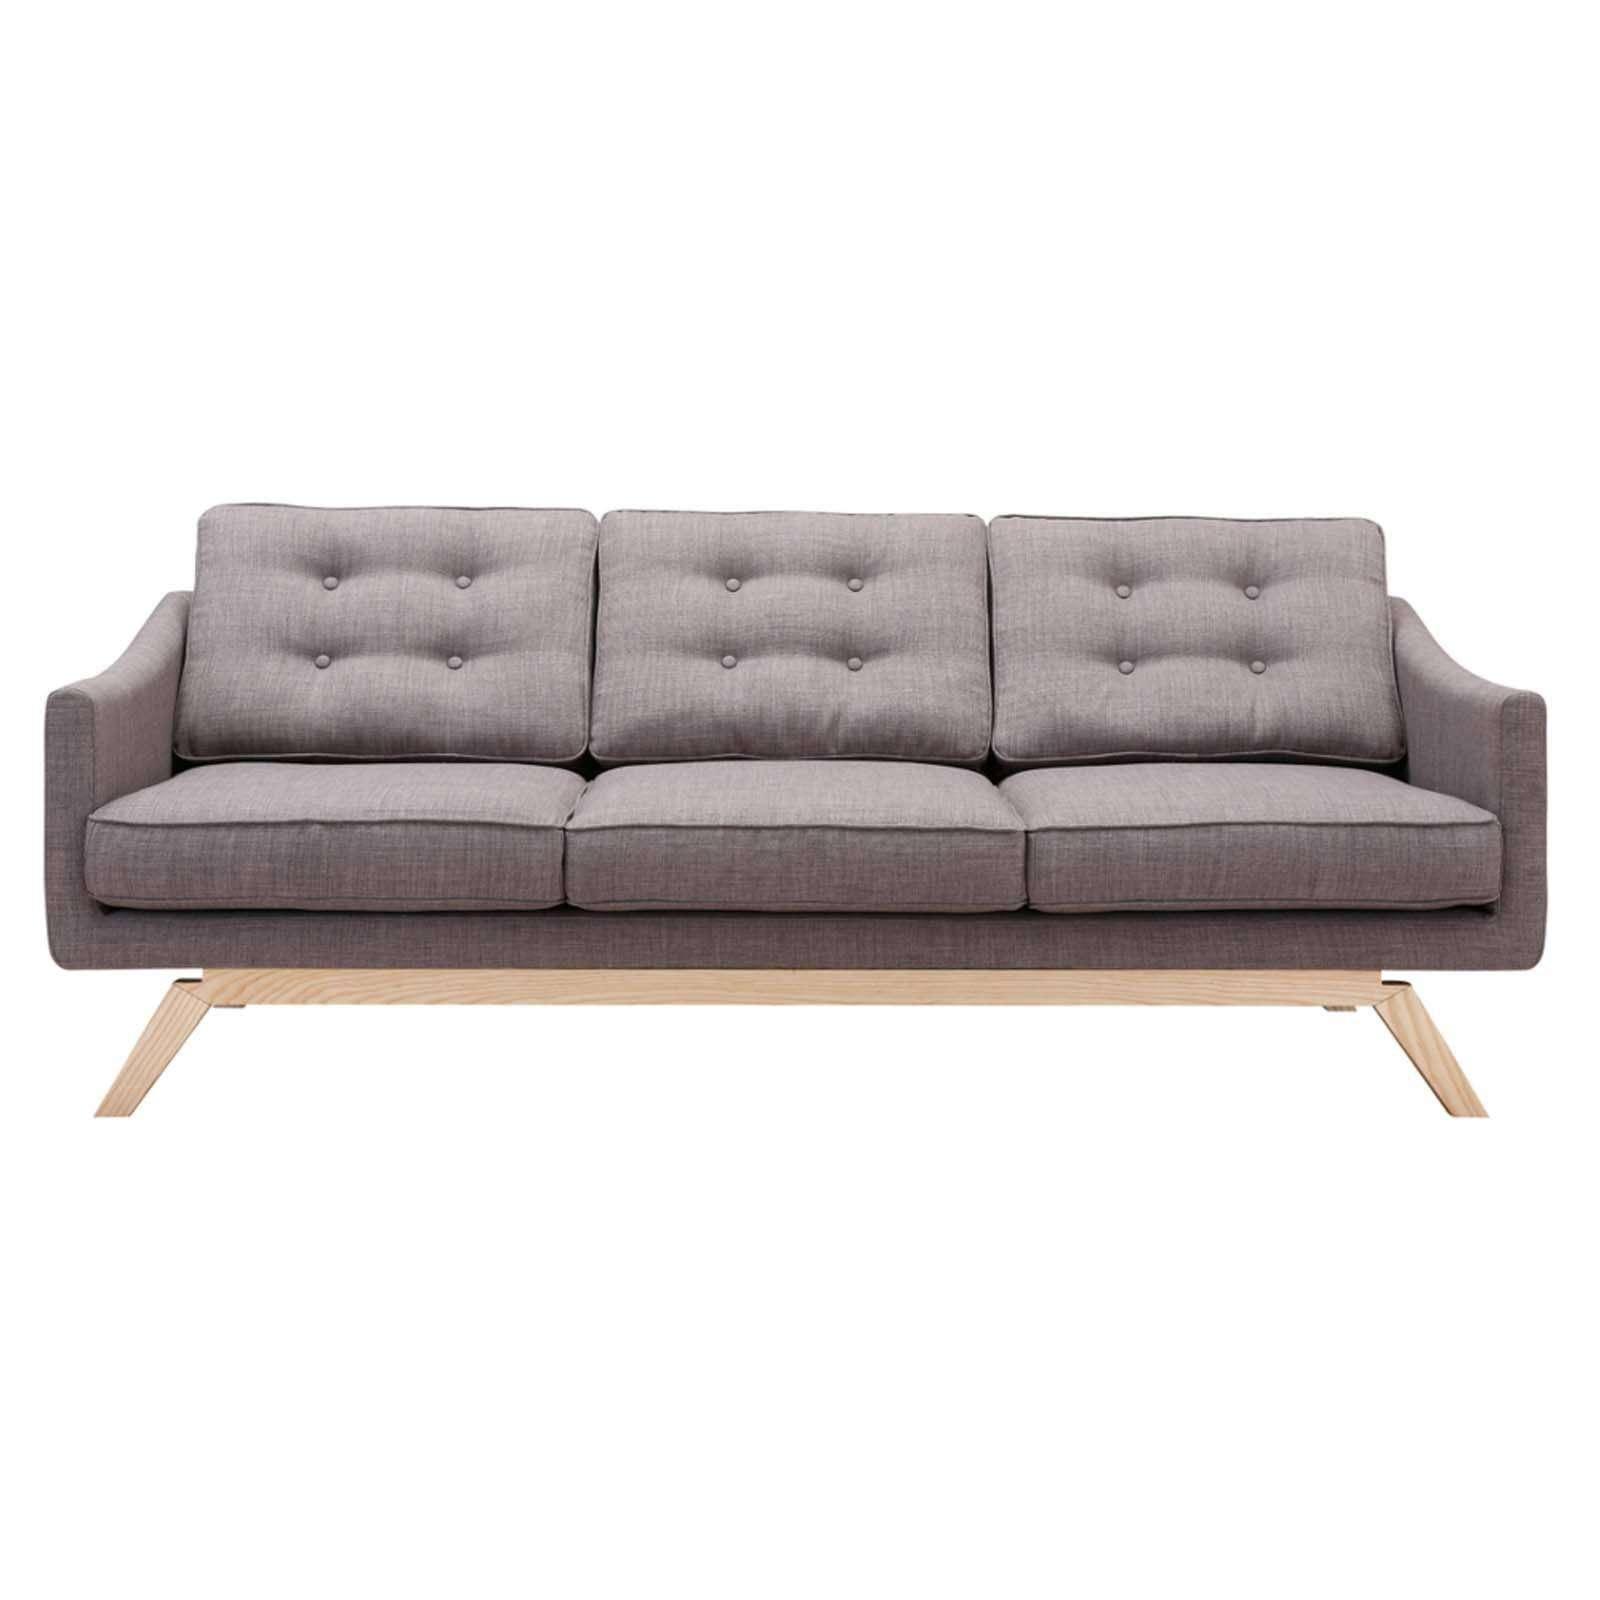 Barsona Linen Sofa, Gray